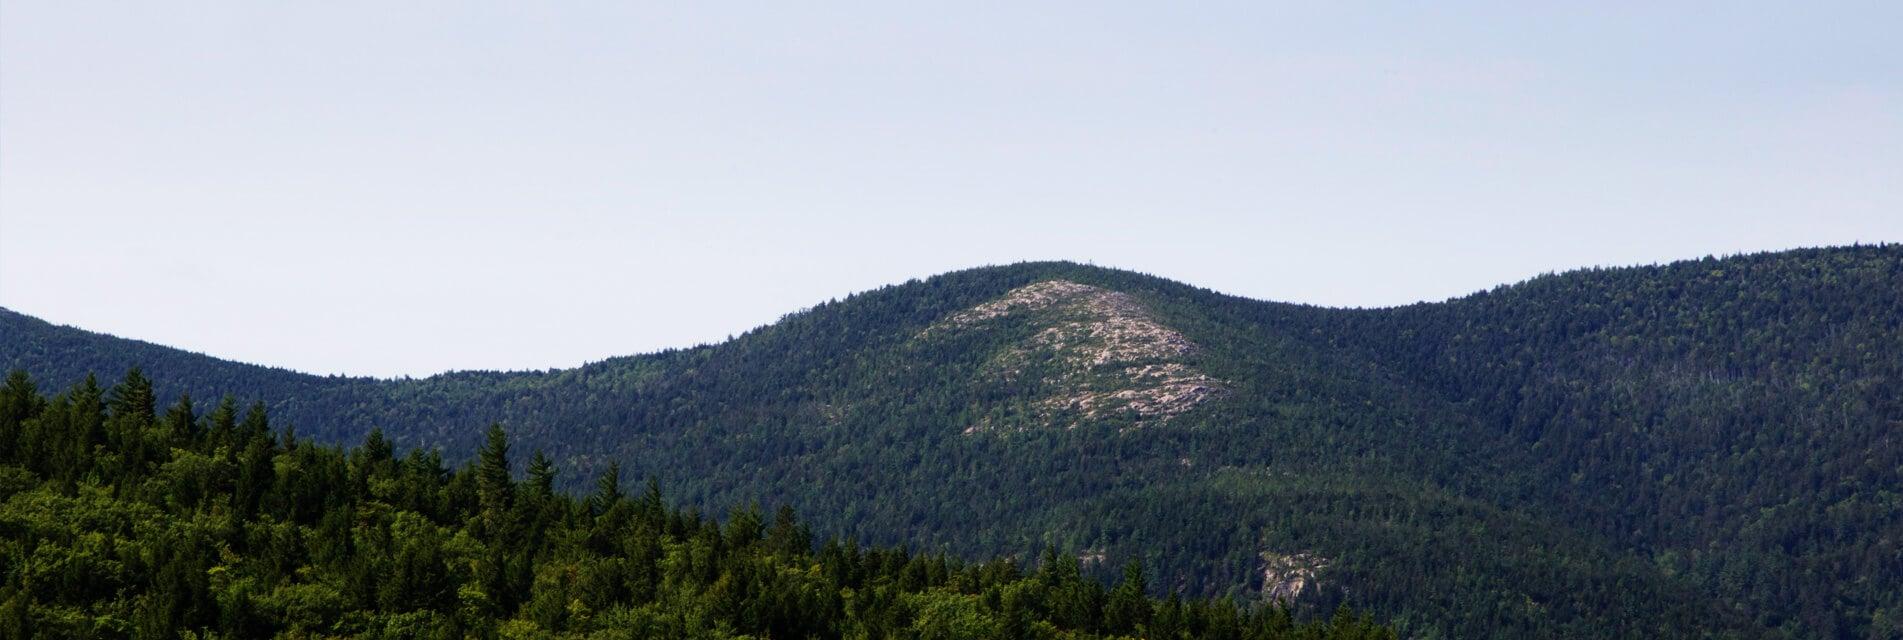 Vacances en Montagne Noire Tarn Occitanie